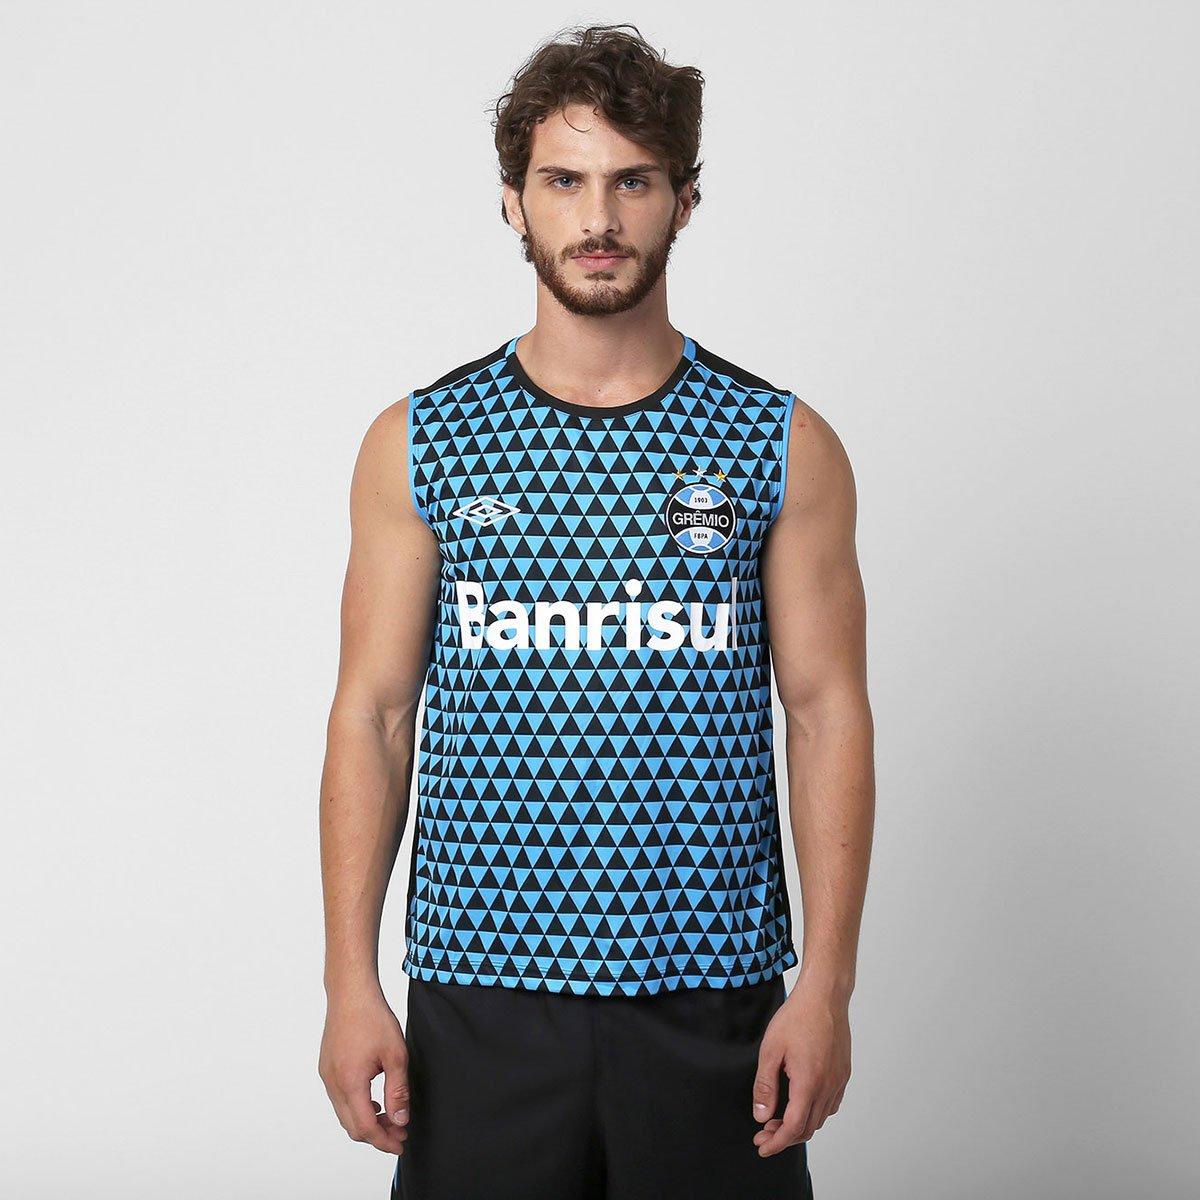 Camiseta Regata Umbro Grêmio Treino 2015 - Compre Agora  67ec5f874d7db